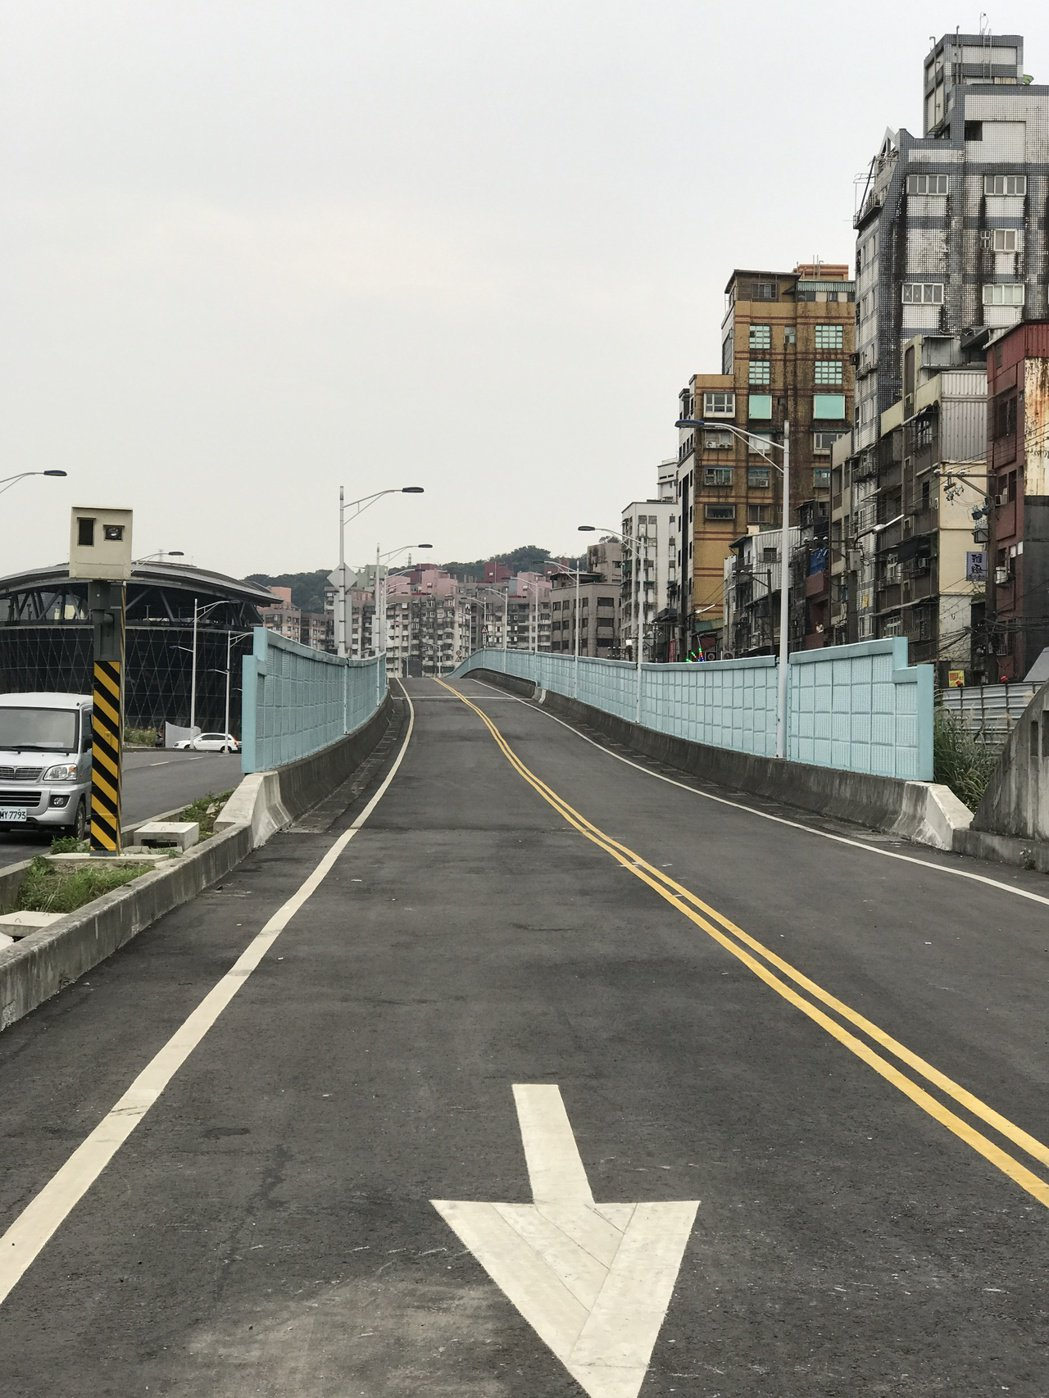 基隆港西岸高架道路4月16日要提前通車了。記者吳淑君/攝影